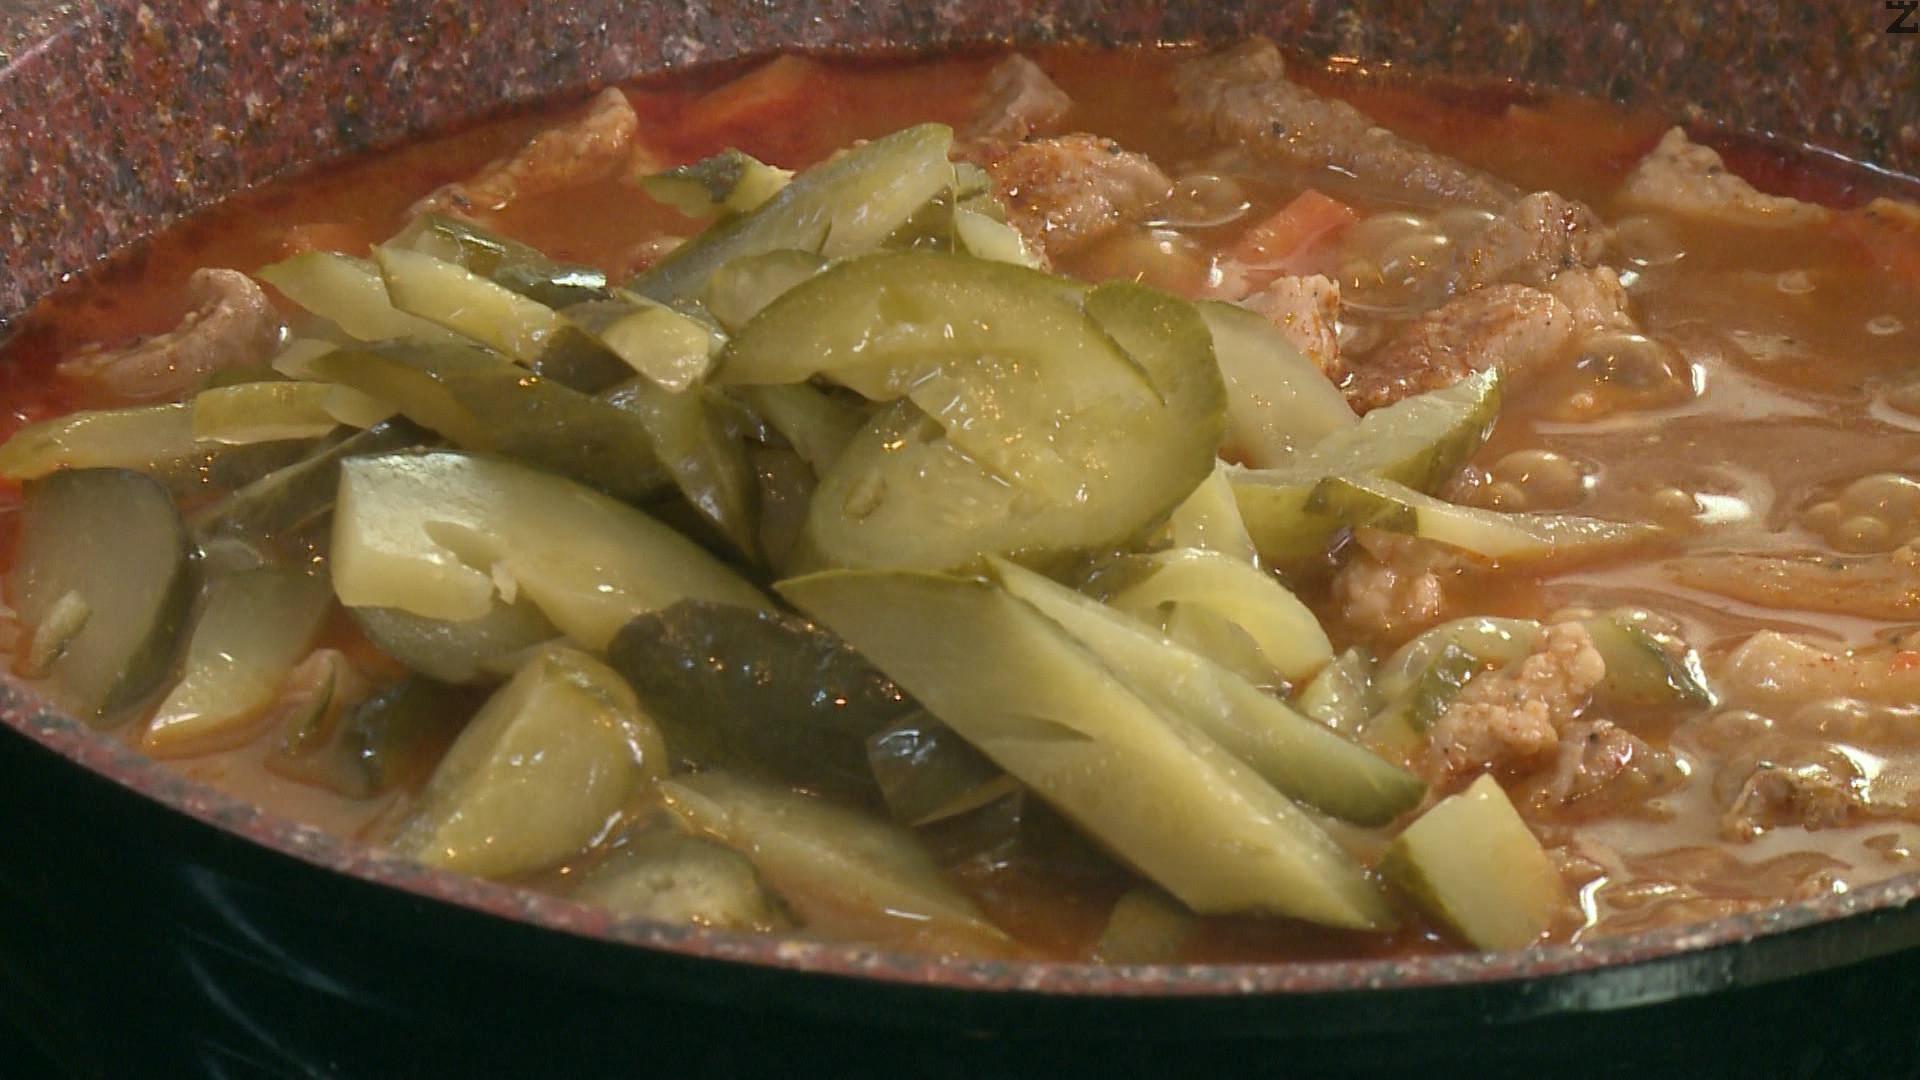 Нарязват се краставички на ивички и слагат при месото. Добавя се и нарязана на дребно целина. Задушават се 5 минути. Ястието е готово и се поръсва с нарязан магданоз